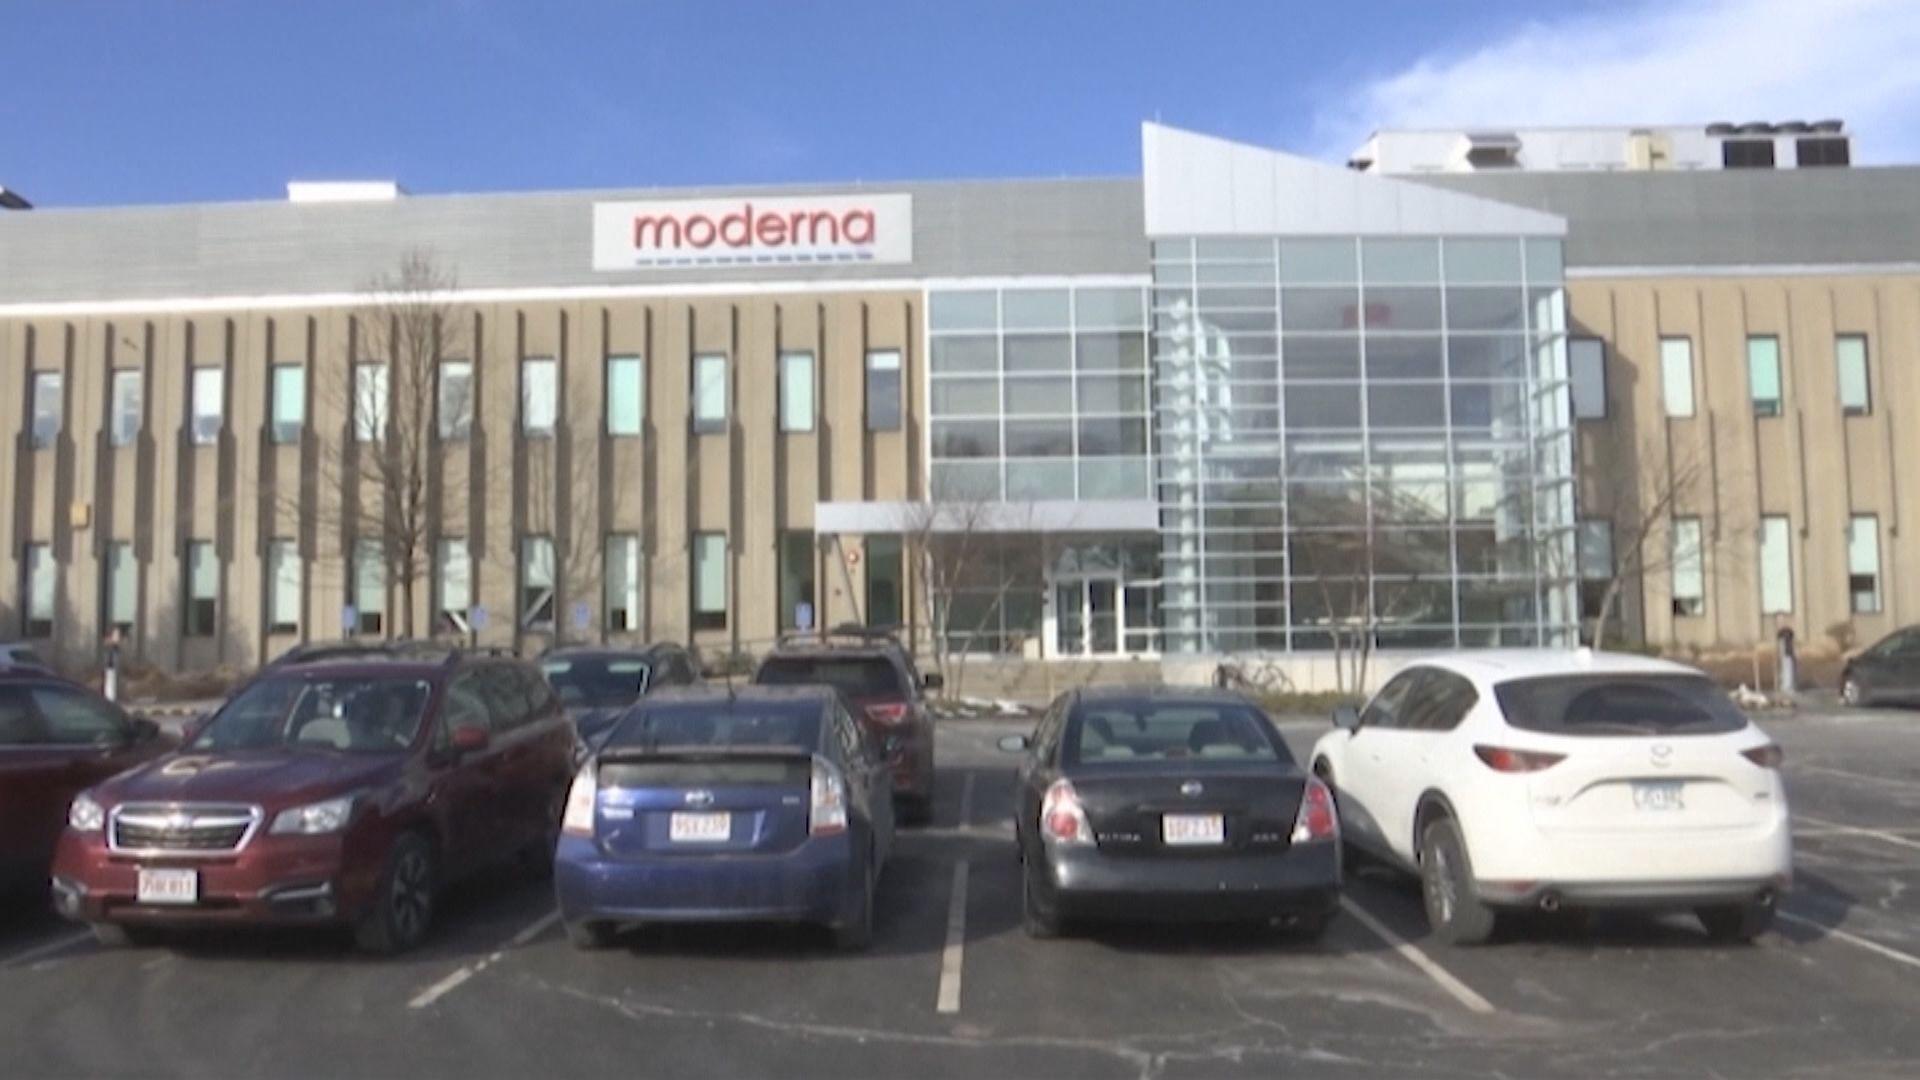 美國稱莫德納新冠疫苗符合緊急使用標準